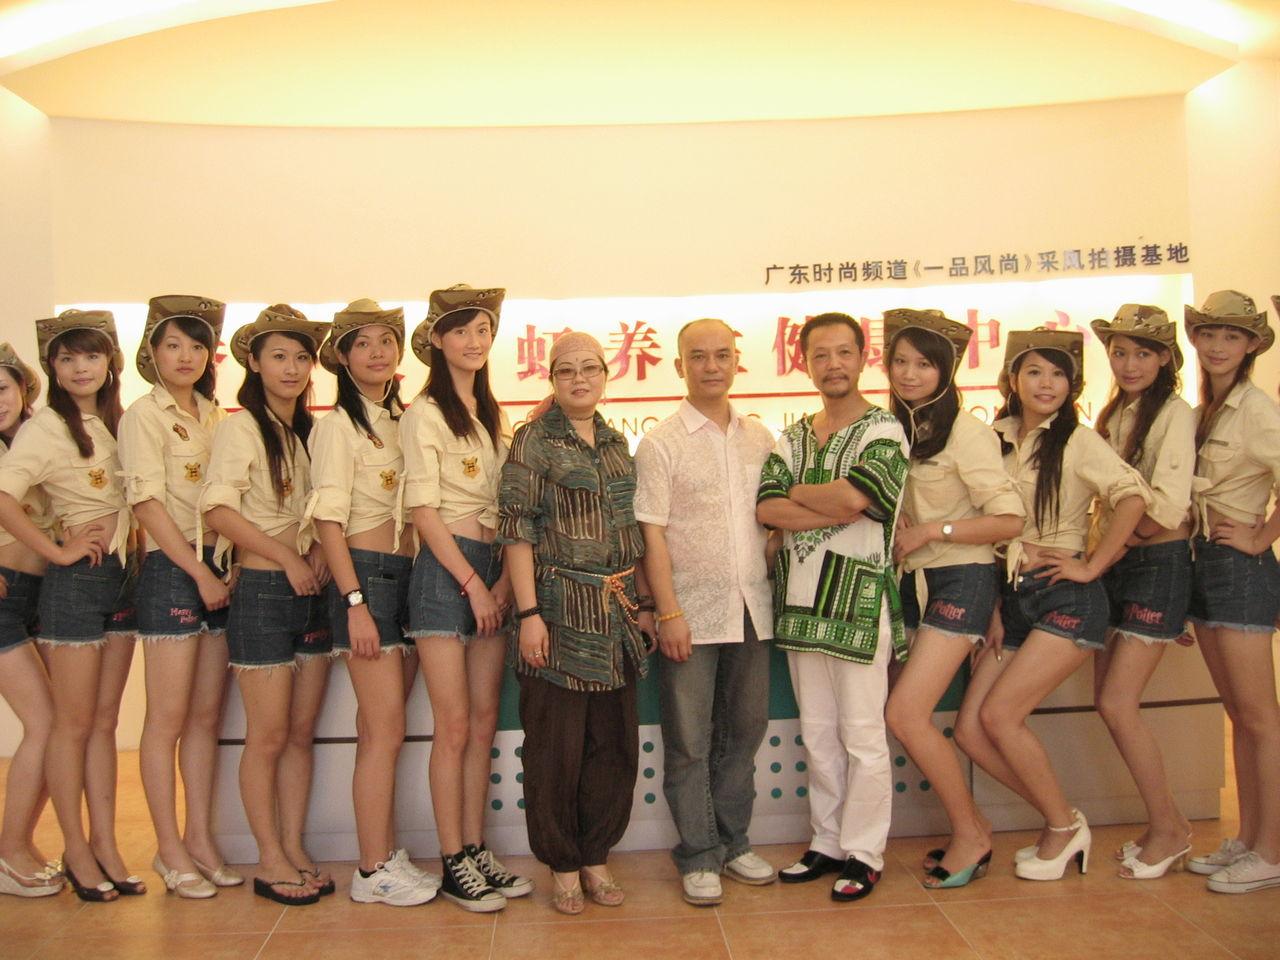 养生健康中心总部在广东韶关创建基地迎来美女共欢庆